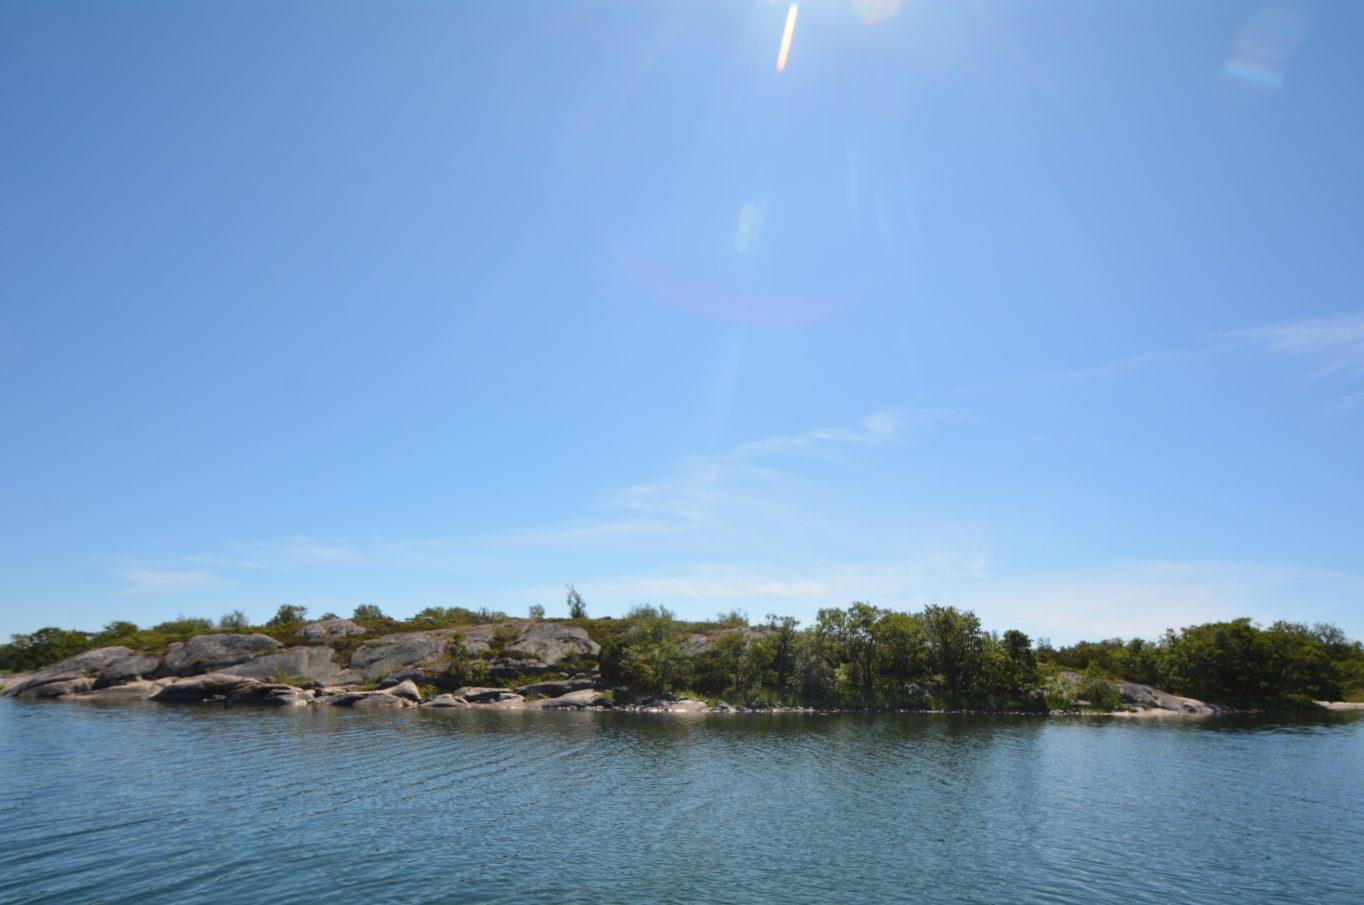 Bergsbunden strandfastighet på holmen Lindö i Karlby, Kökar